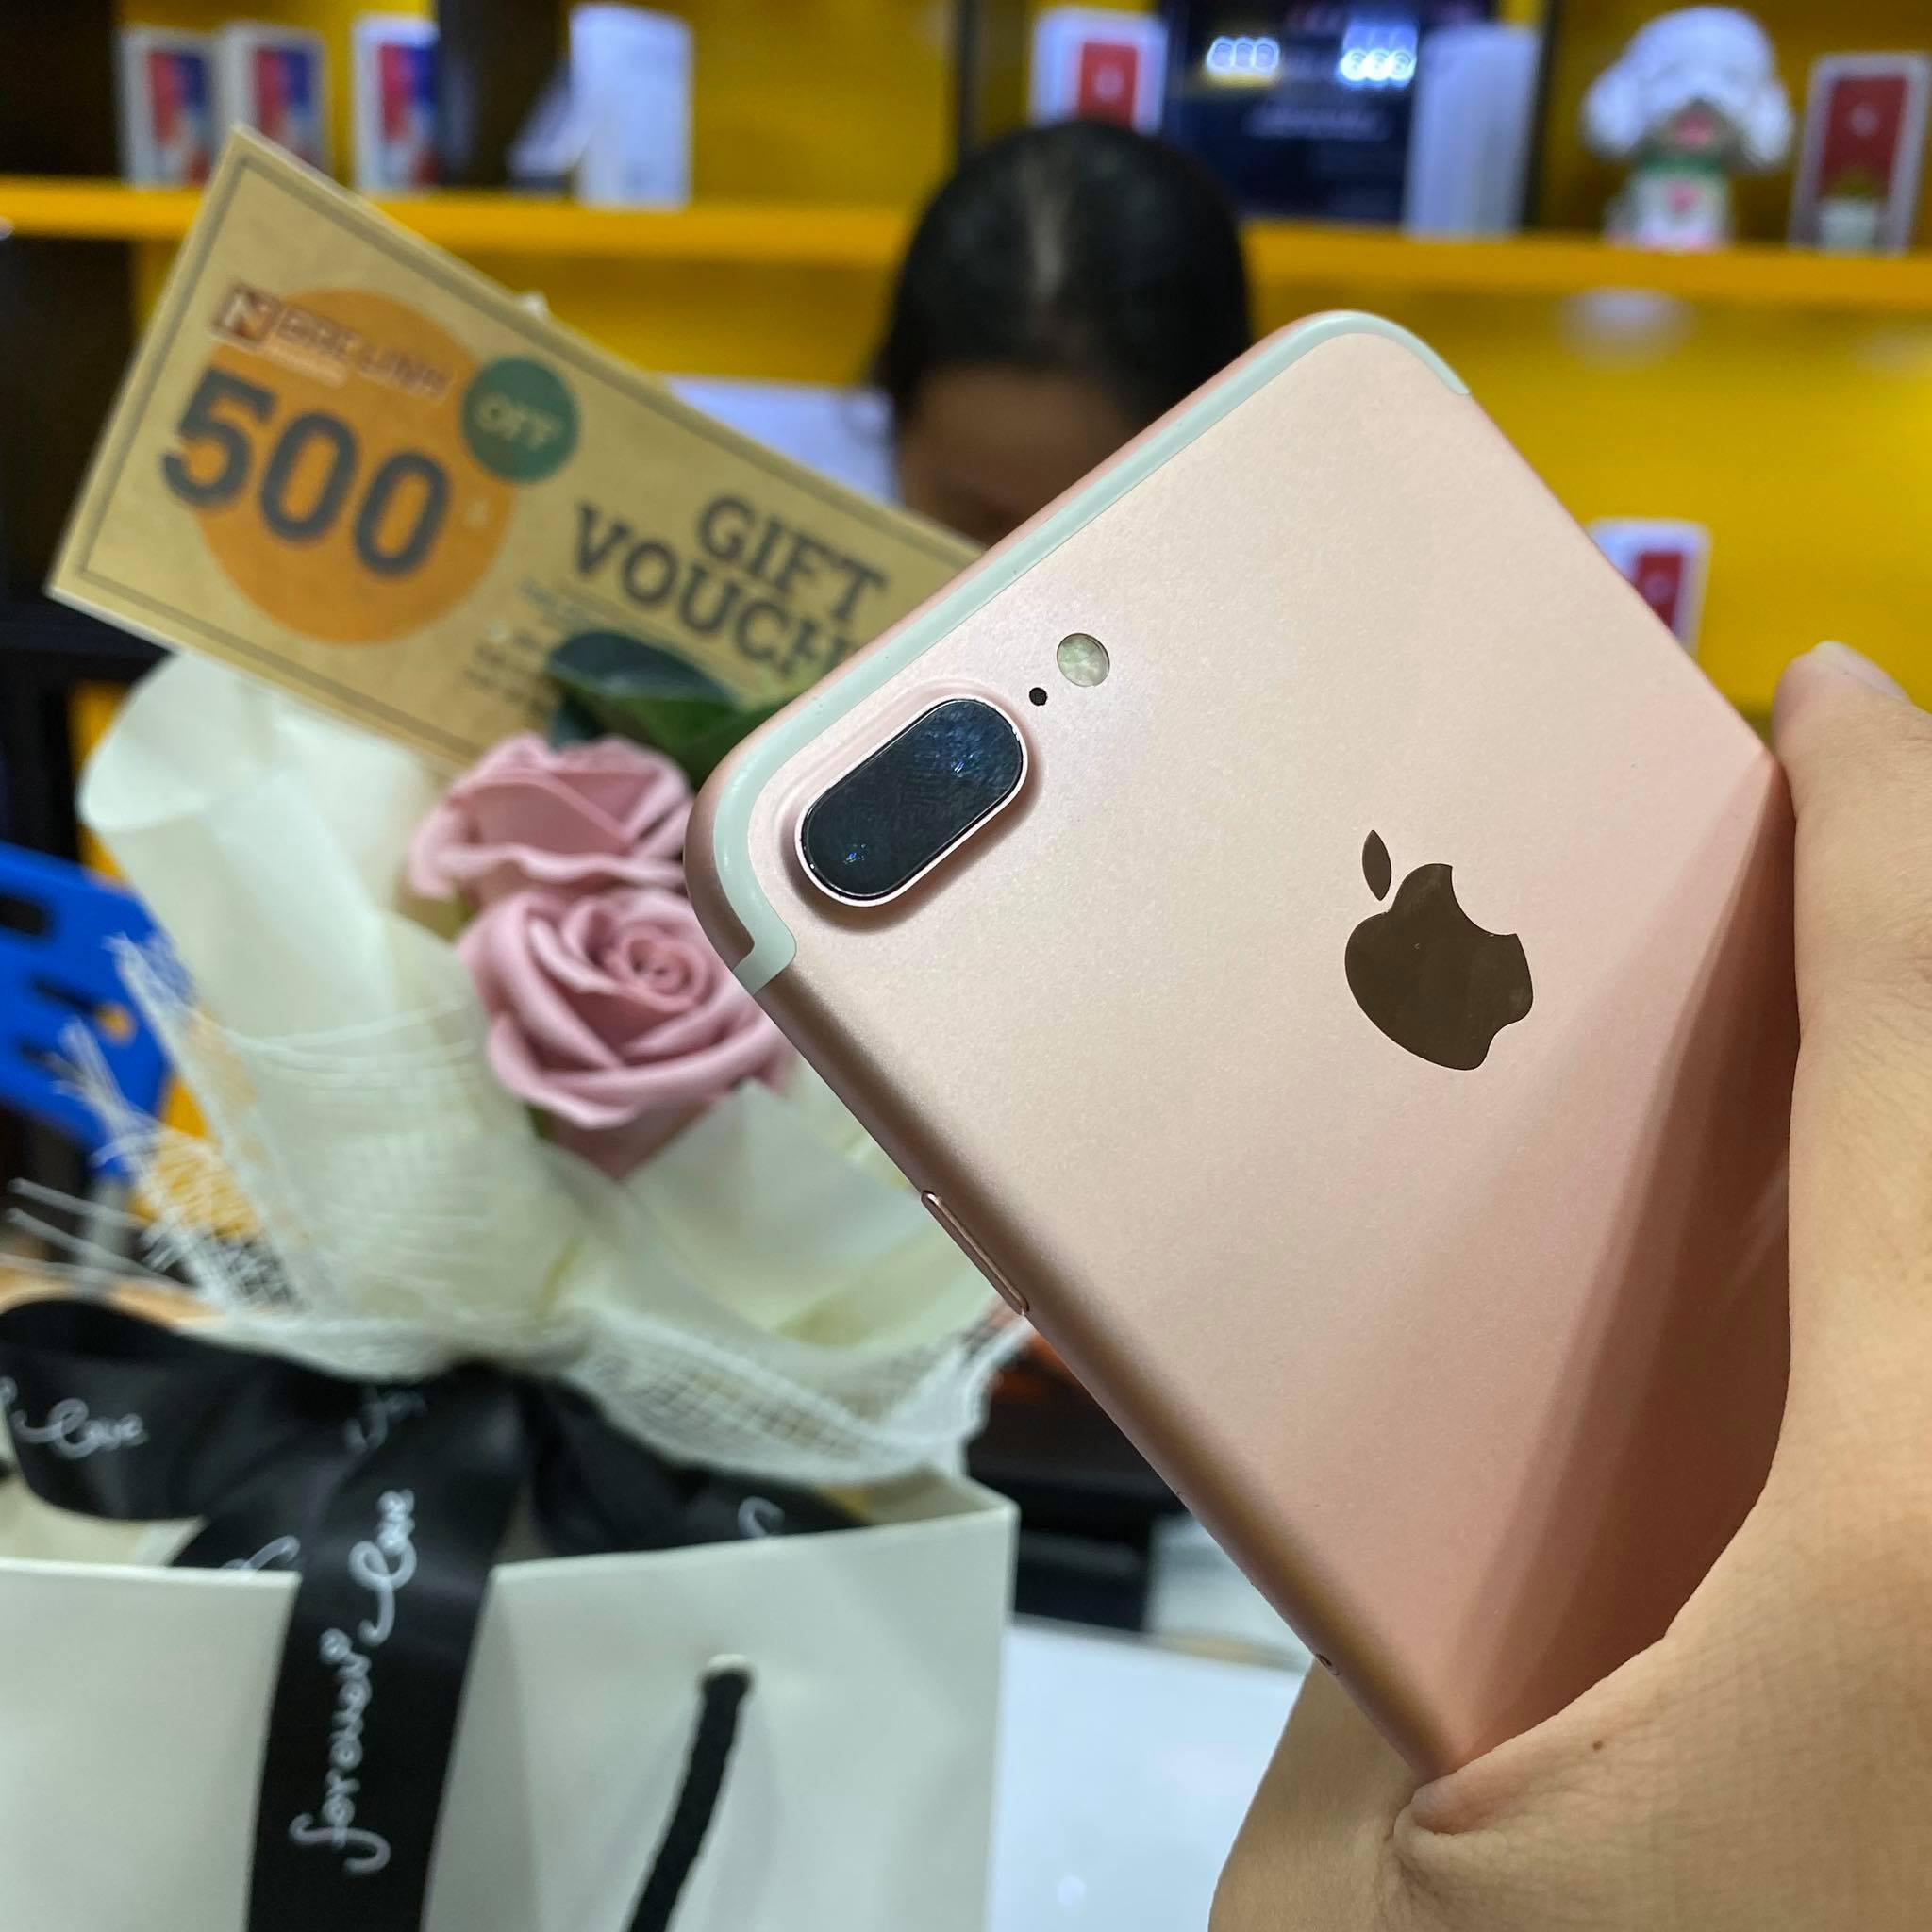 iPhone 7 Plus iPhone 7 Plus - Vì sao iPhone 7 Plus vẫn luôn có sức hút với người tiêu dùng?